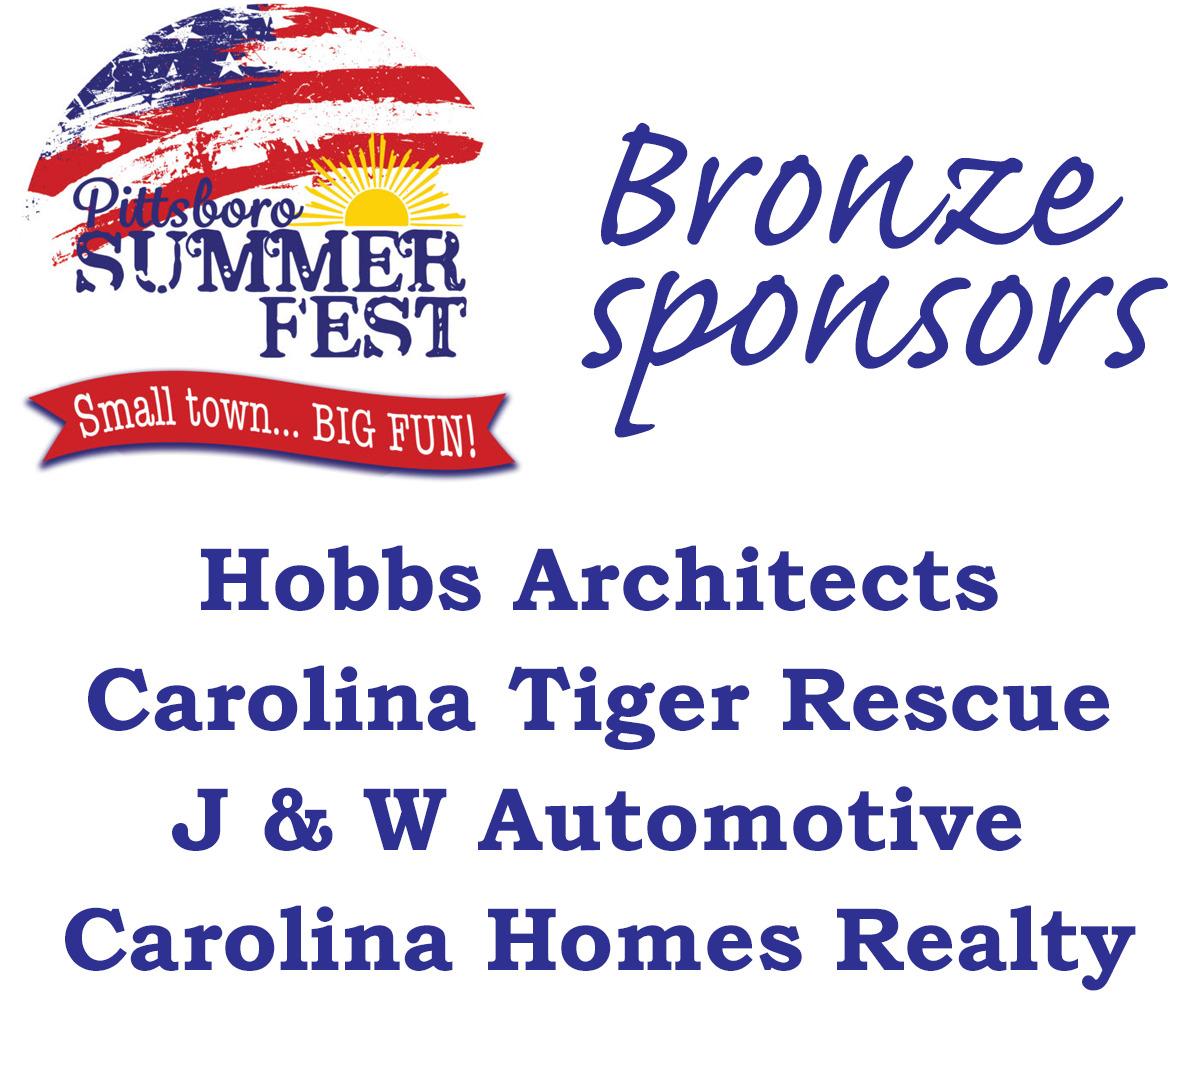 Summer Fest 2021 Bronze sponsors